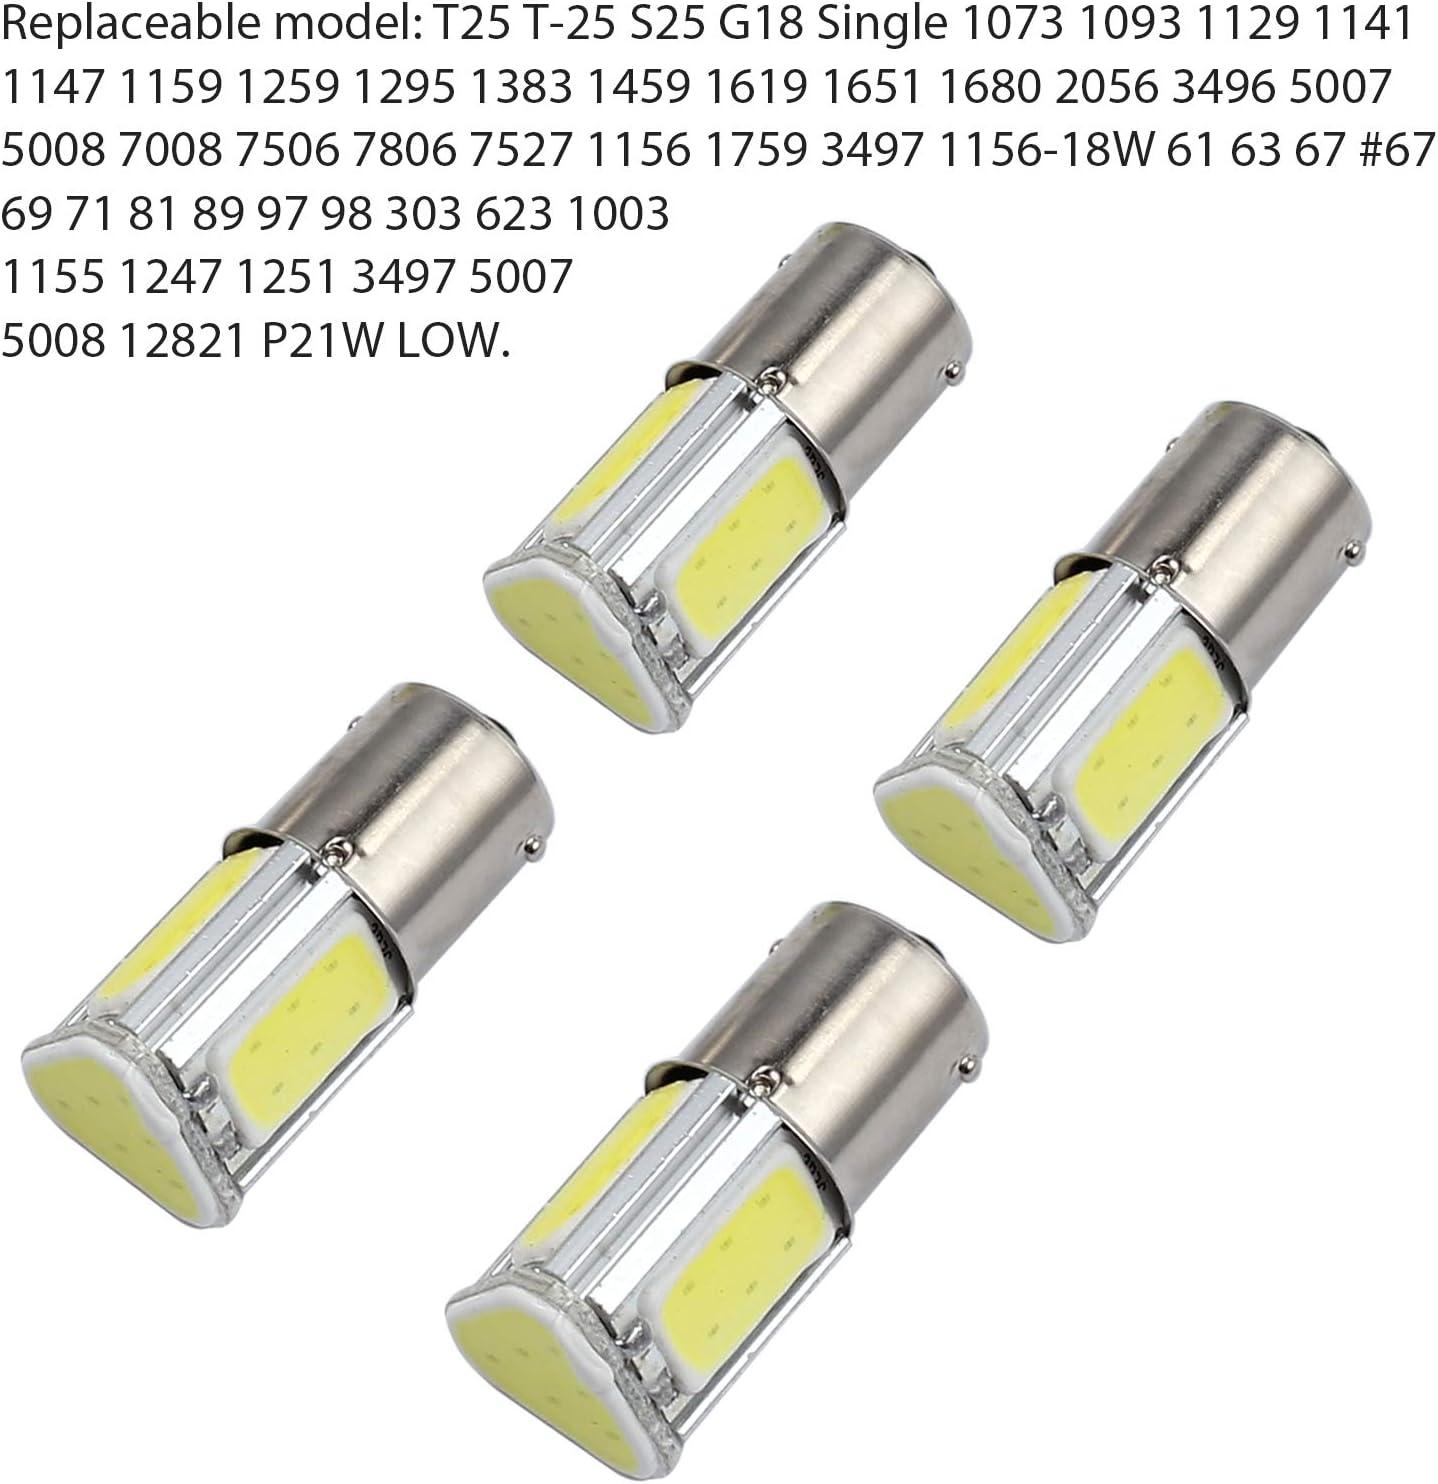 Justech 4 Pezzi Lampadine di Ricambio per Indicatori di Direzione Auto Lampadine per Retromarcia Retroilluminate 1156 BA15S 382 P21W 12V 4 COB LED Lampadine Bulb Bianco Freddo